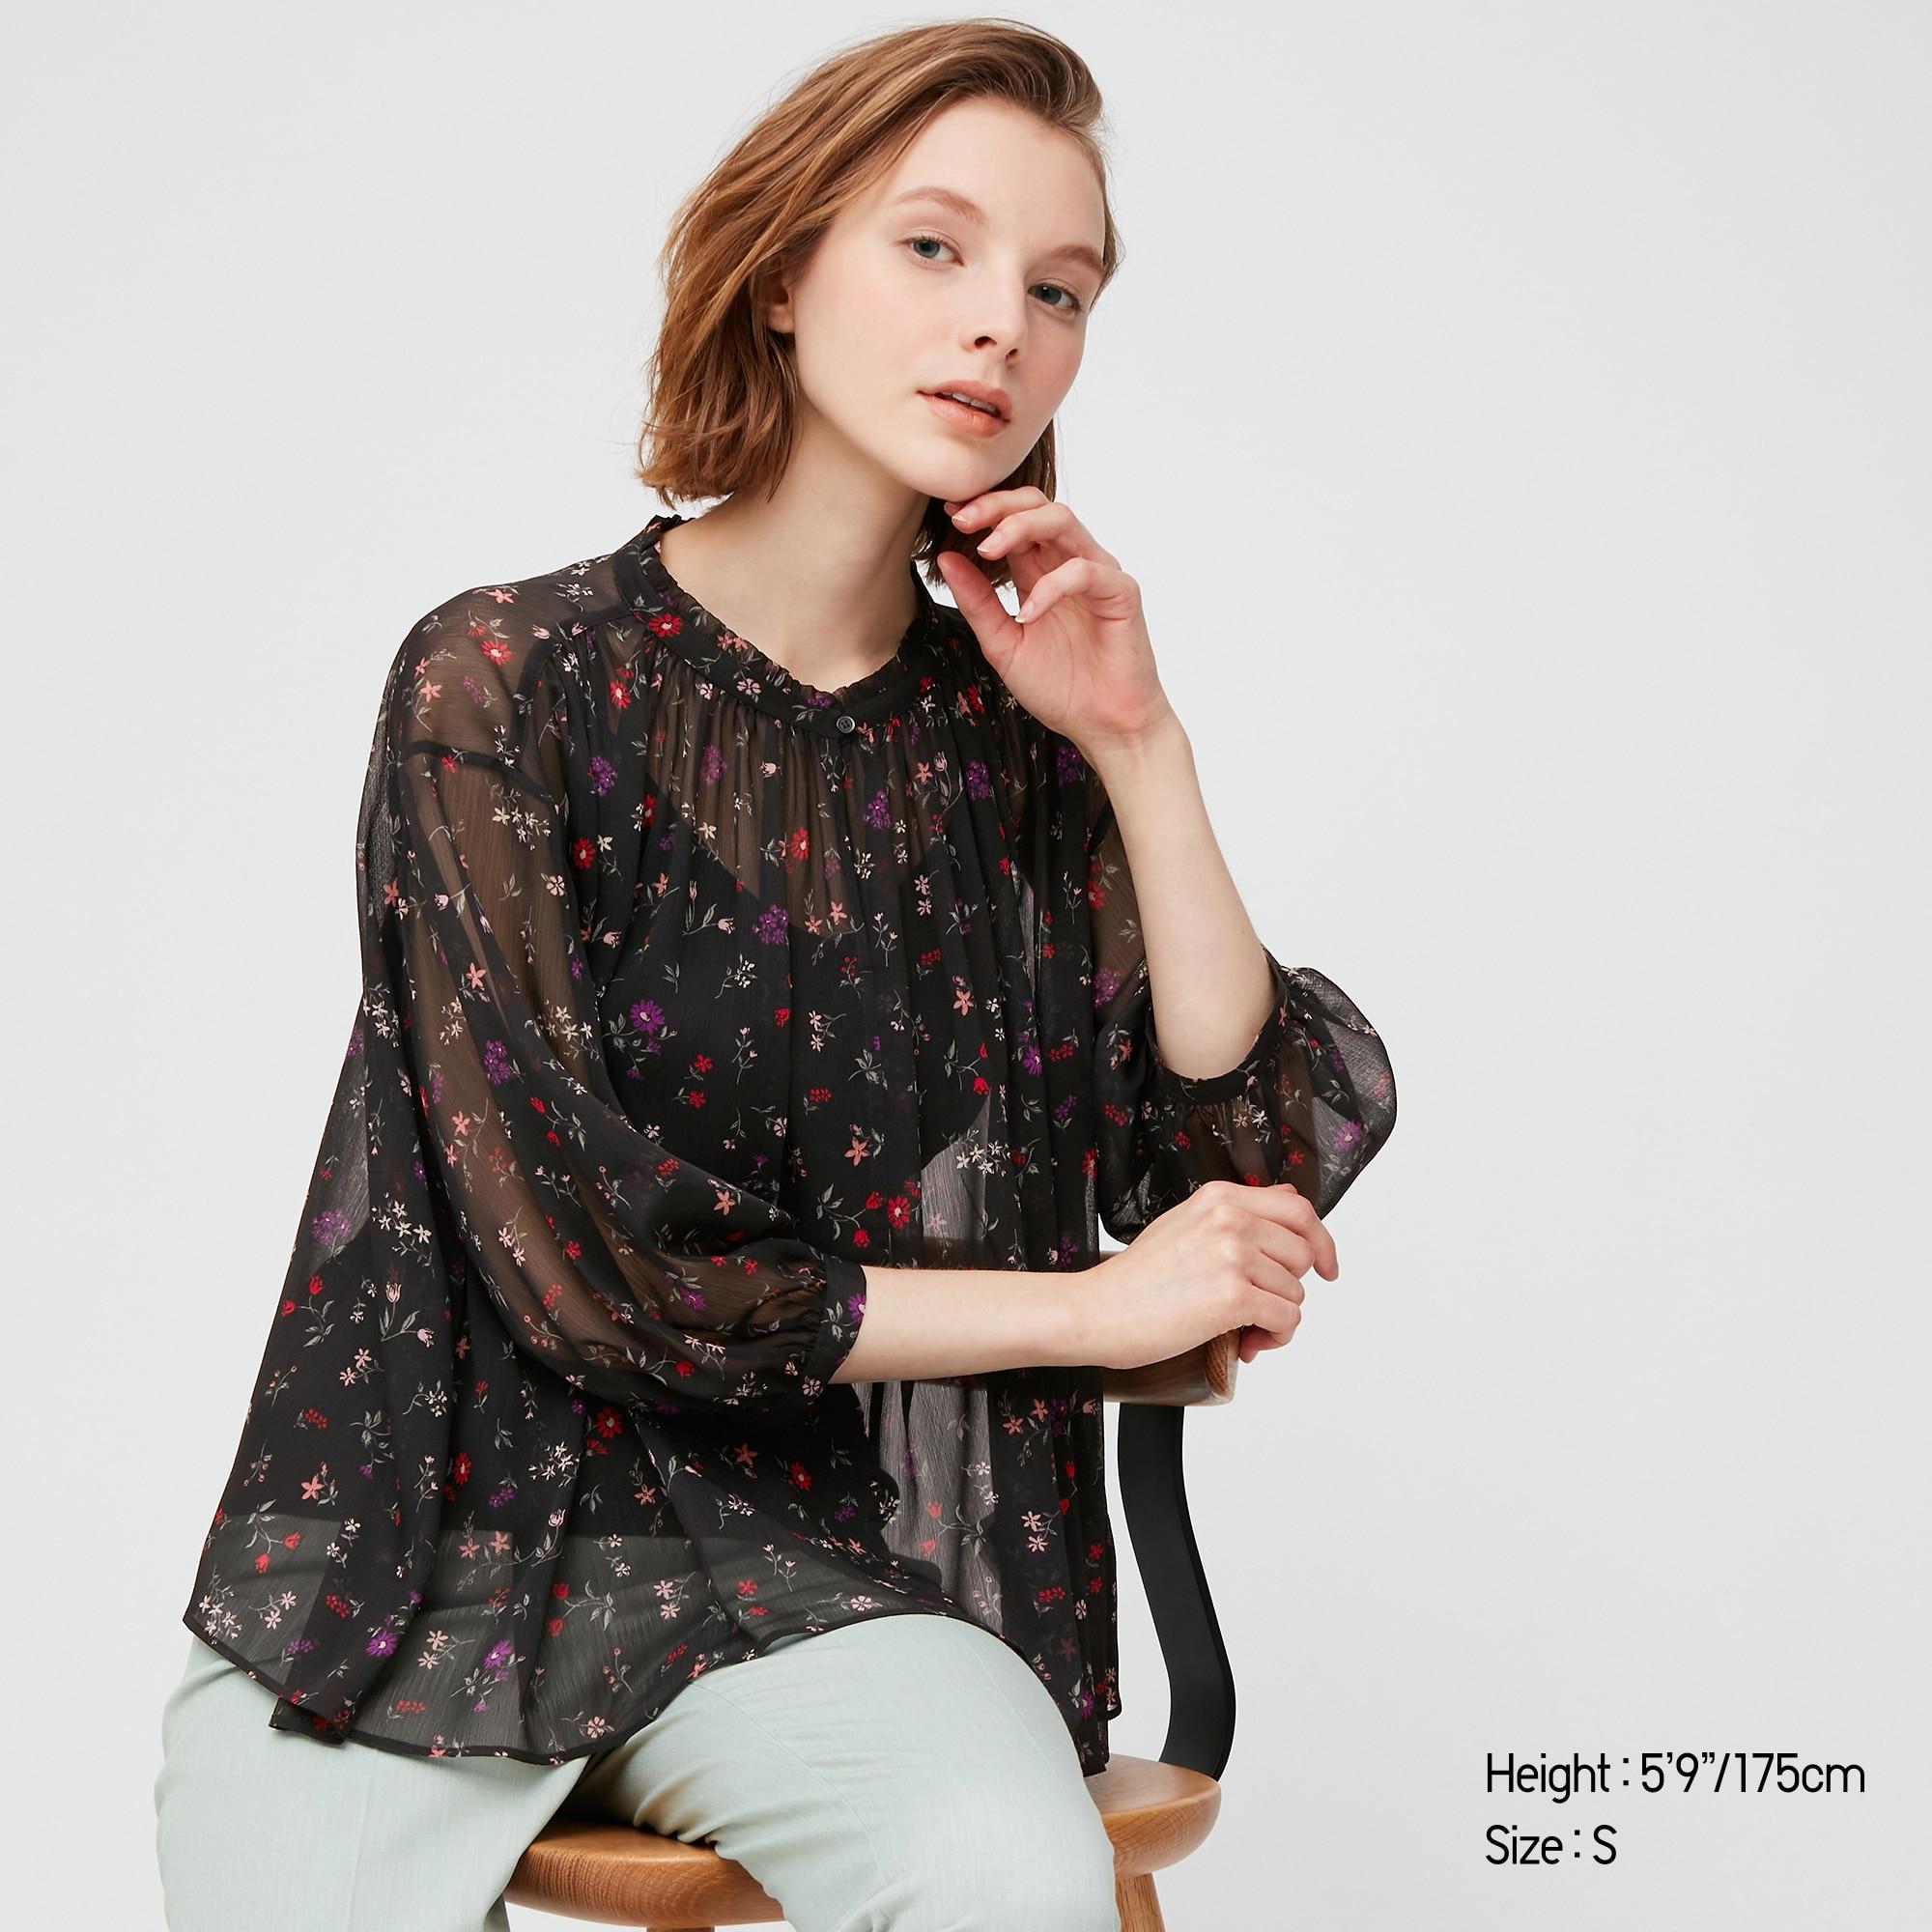 Sélection de vêtements en promotion - Ex: Blouse Print Of Joy manches 3/4 (M ou L)